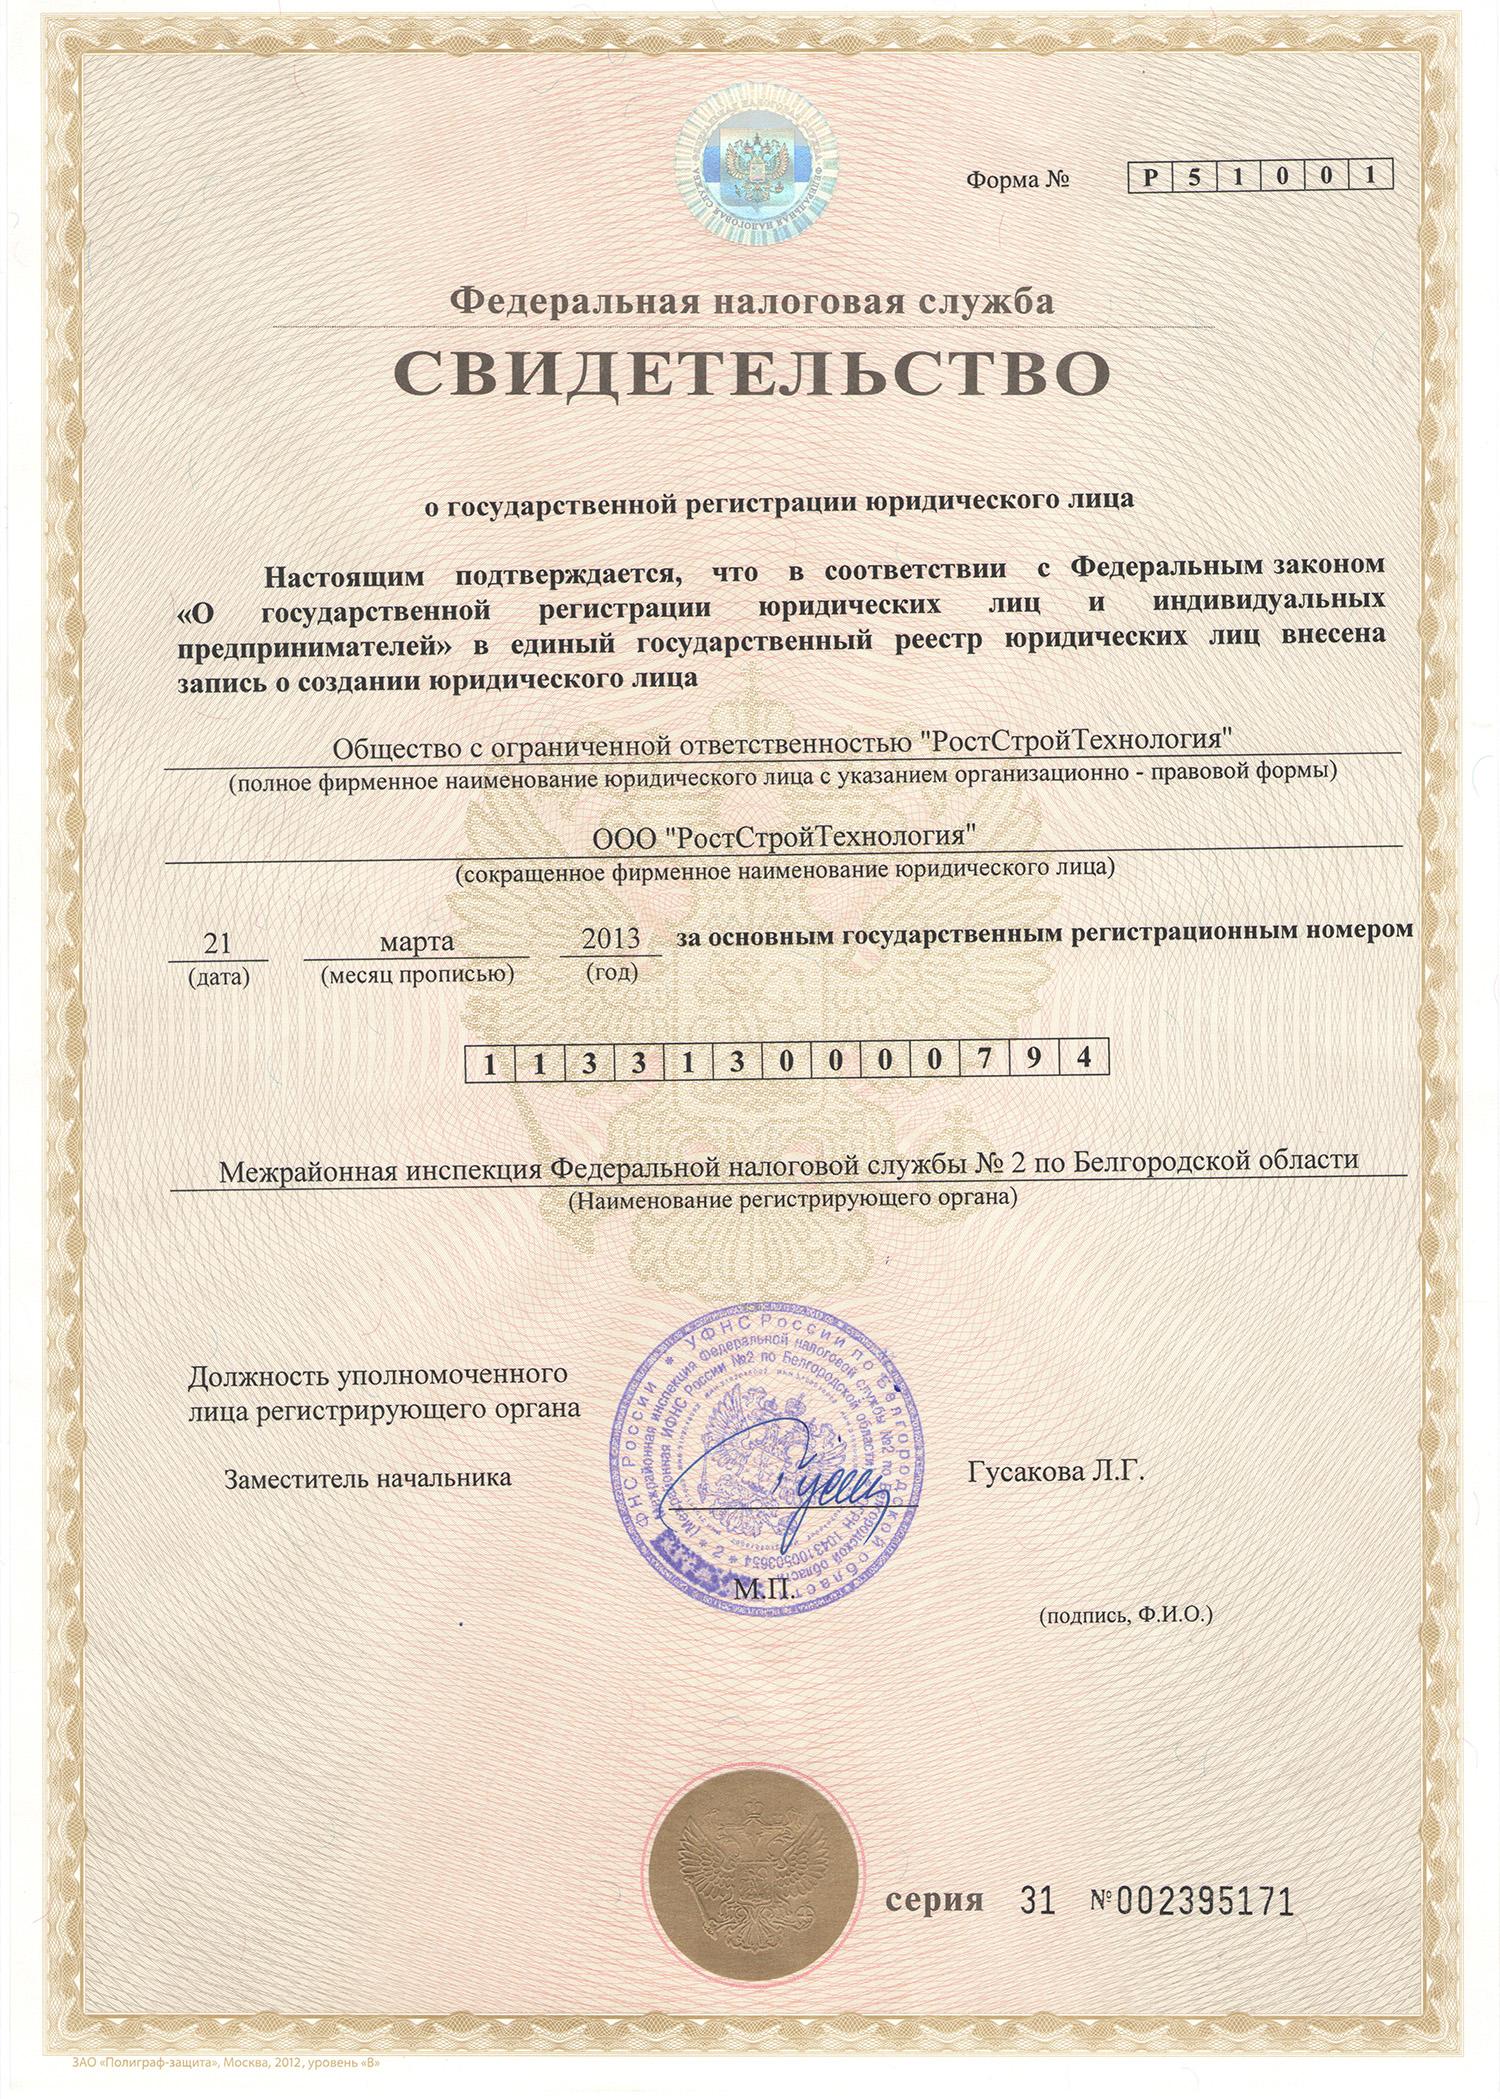 Образец свидетельства о государственной регистрации Общества с ограниченной ответственностью